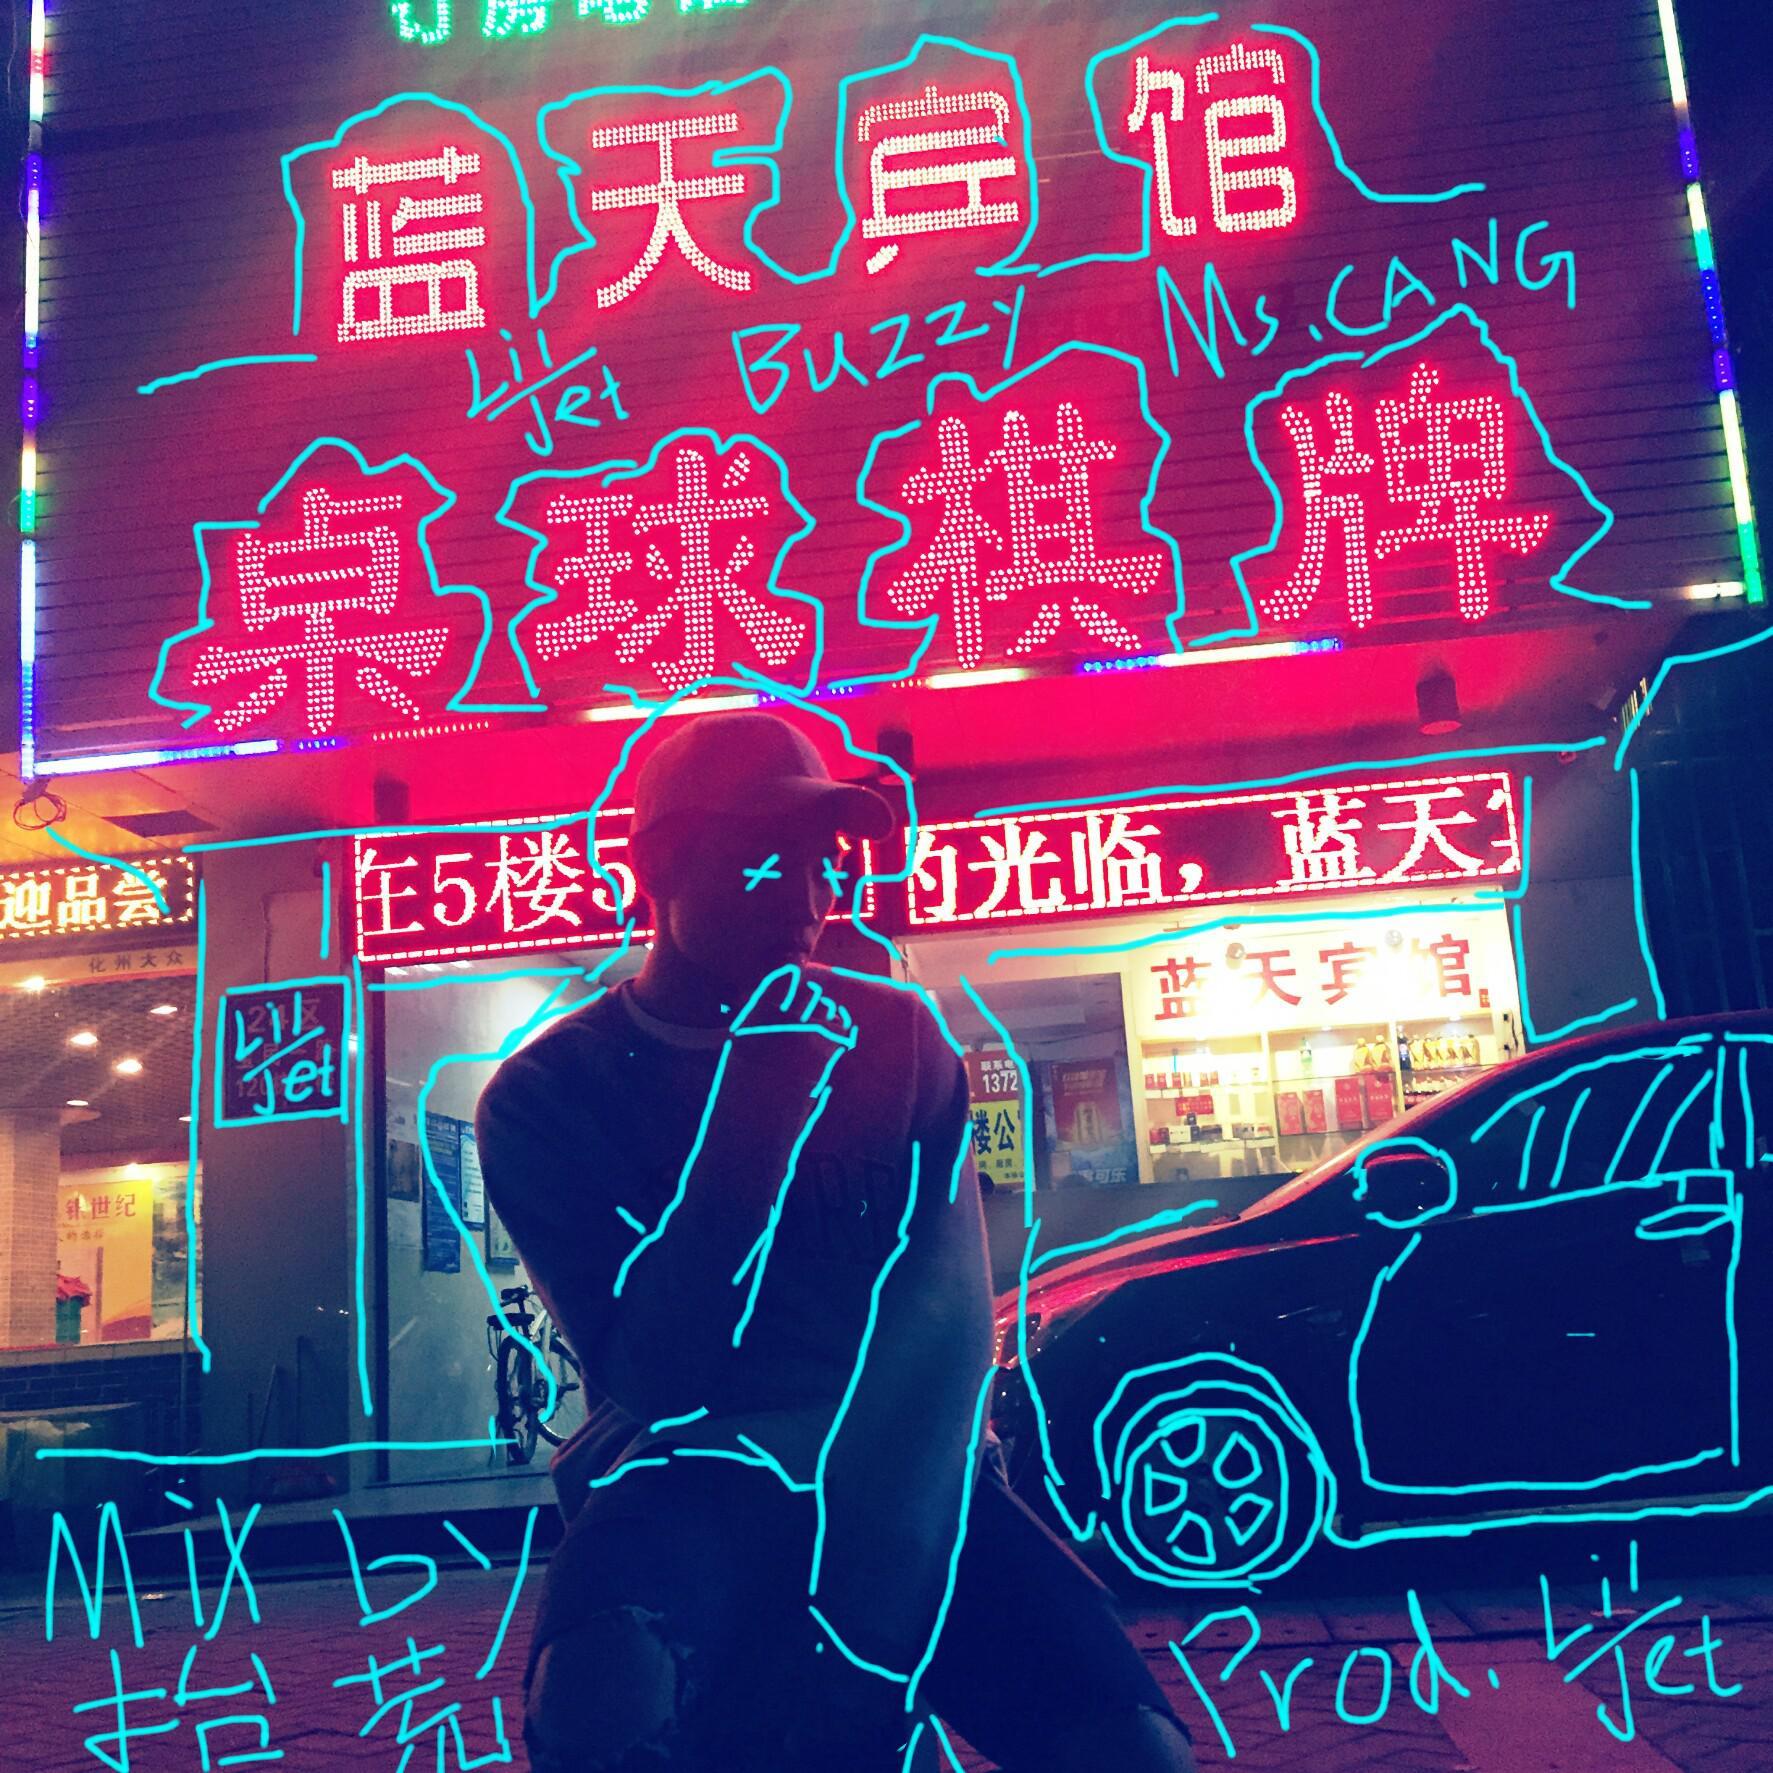 华人博彩网 - 搜狗百科博彩网借传言吸引国人注意 投注莫言者目前最多 因为诺贝尔奖评选的严格保密性,每当快到10月份诺奖公布的时候,各种竞猜和赌博就会甚嚣尘上。而这.